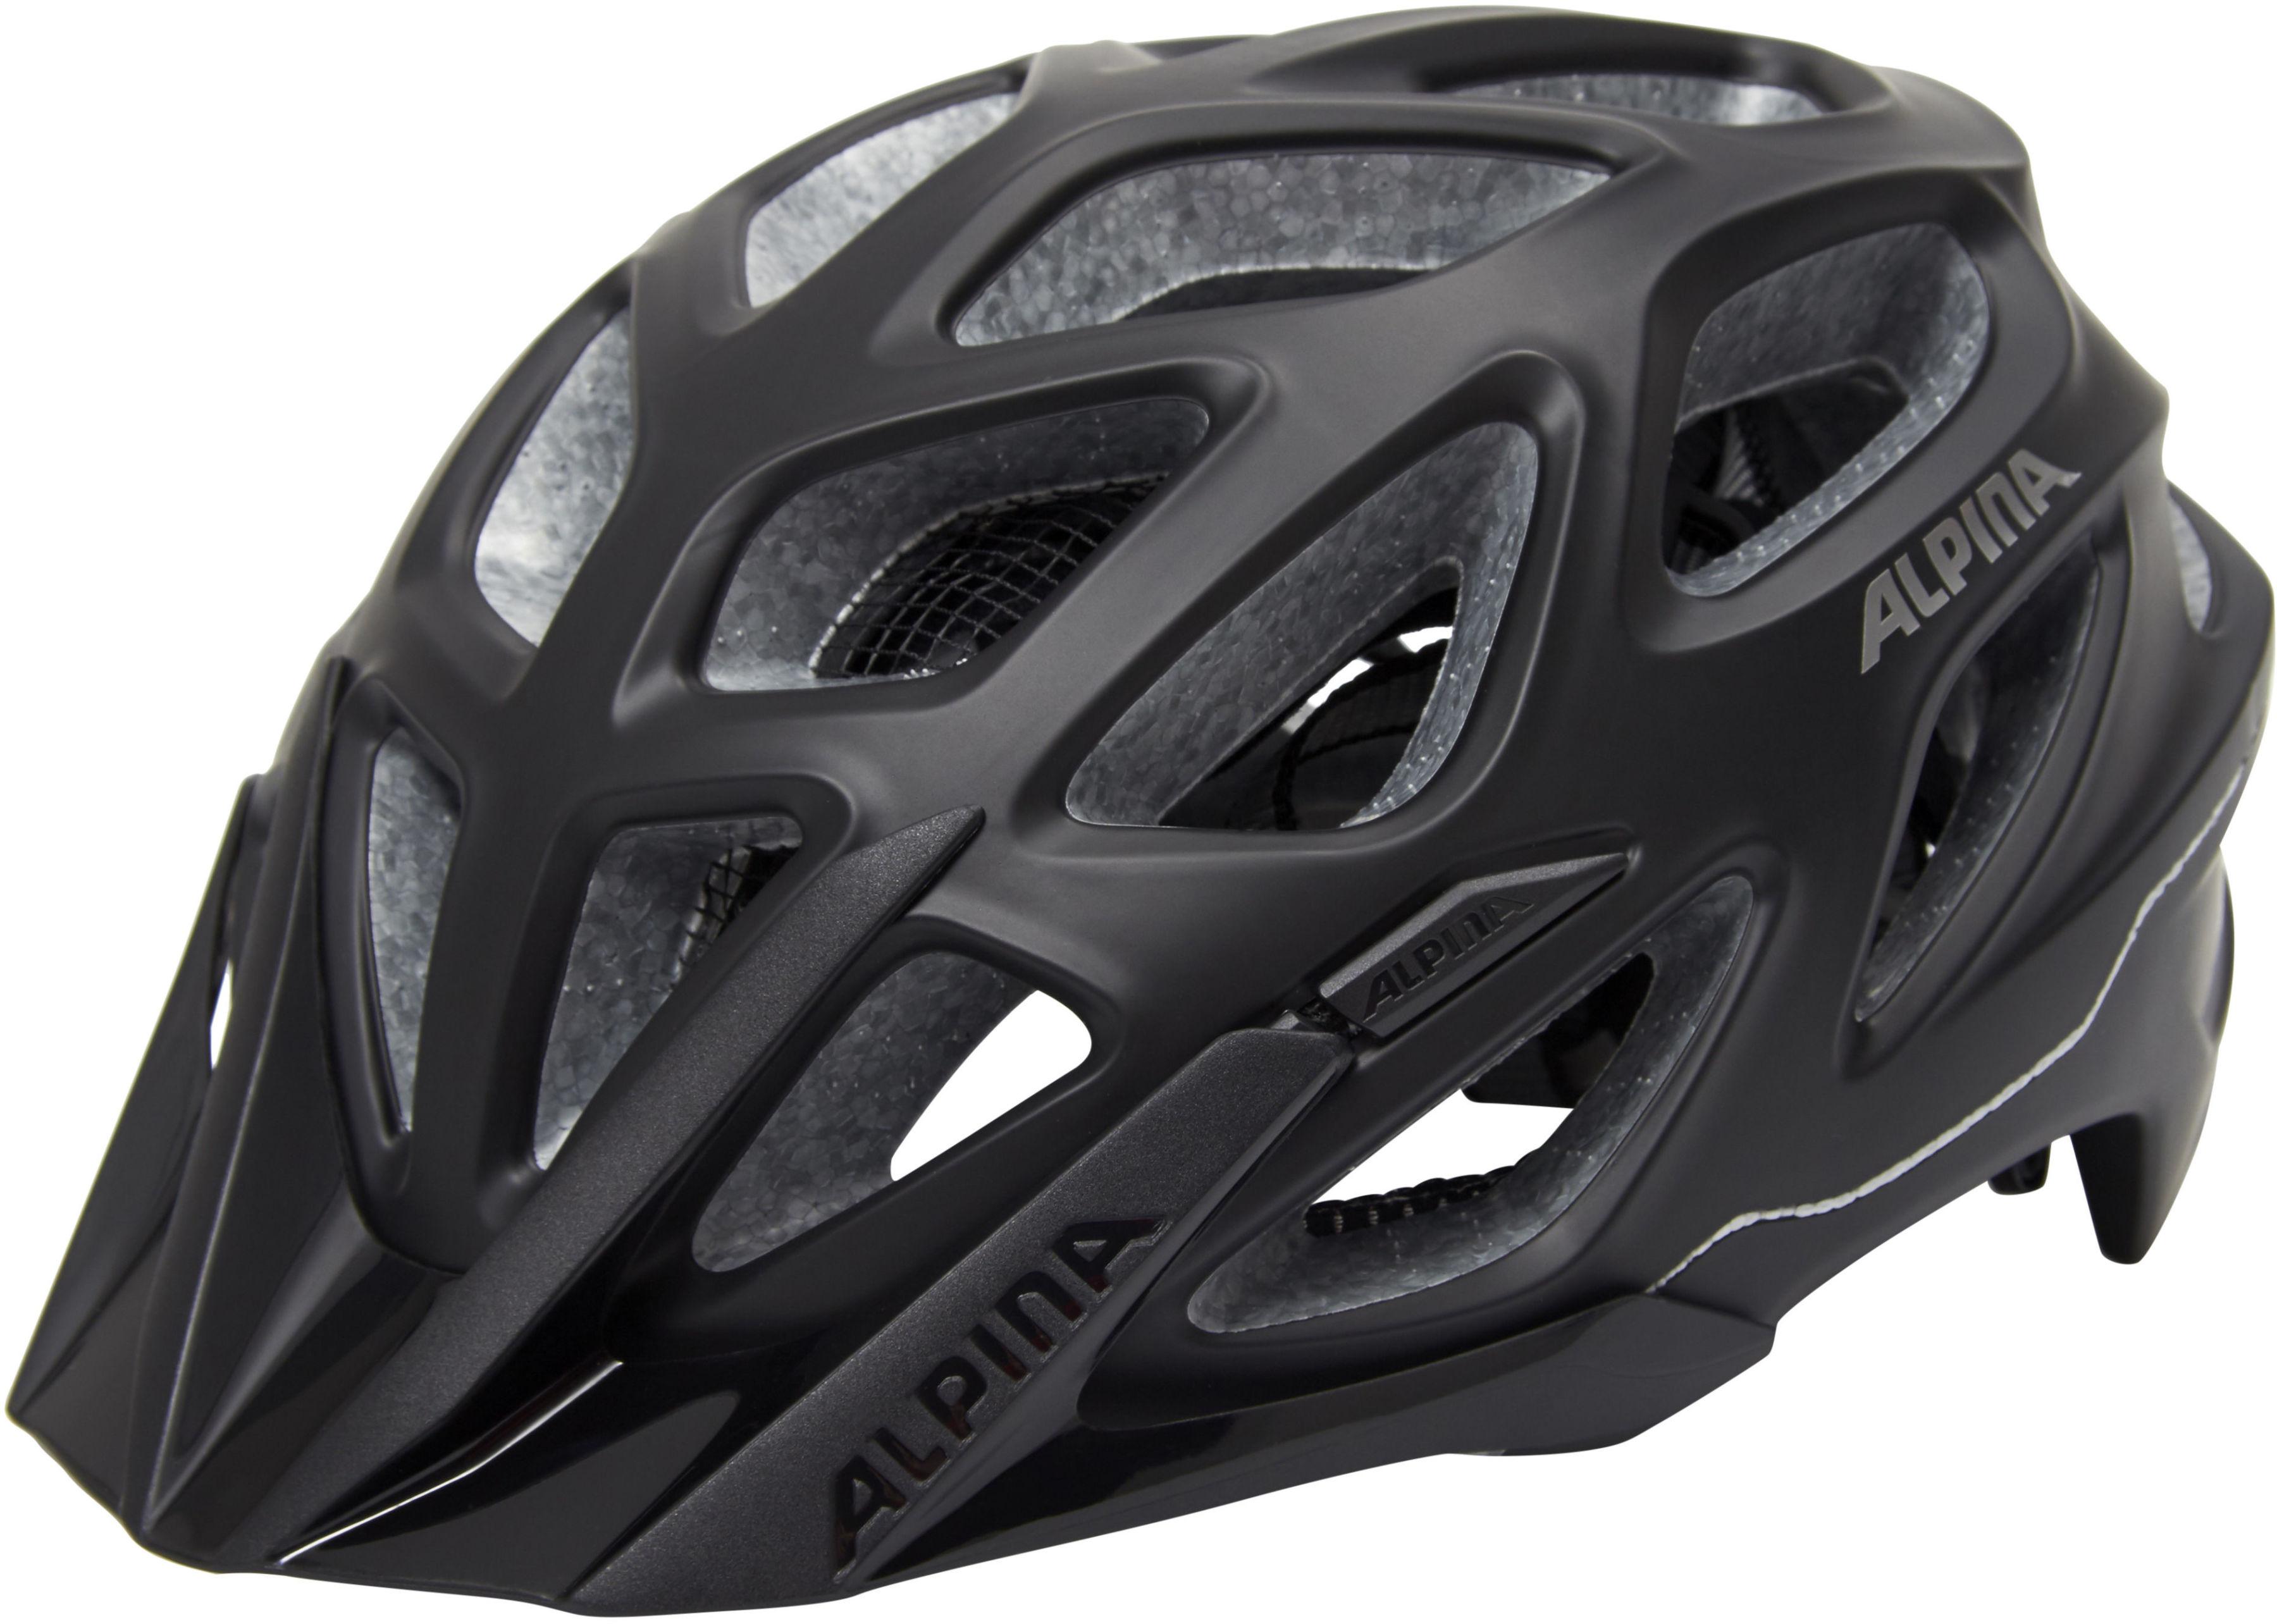 ALPINA MYTHOS 3.0 L.E kask rowerowy czarny-mat Rozmiar: 52-57,A9713334